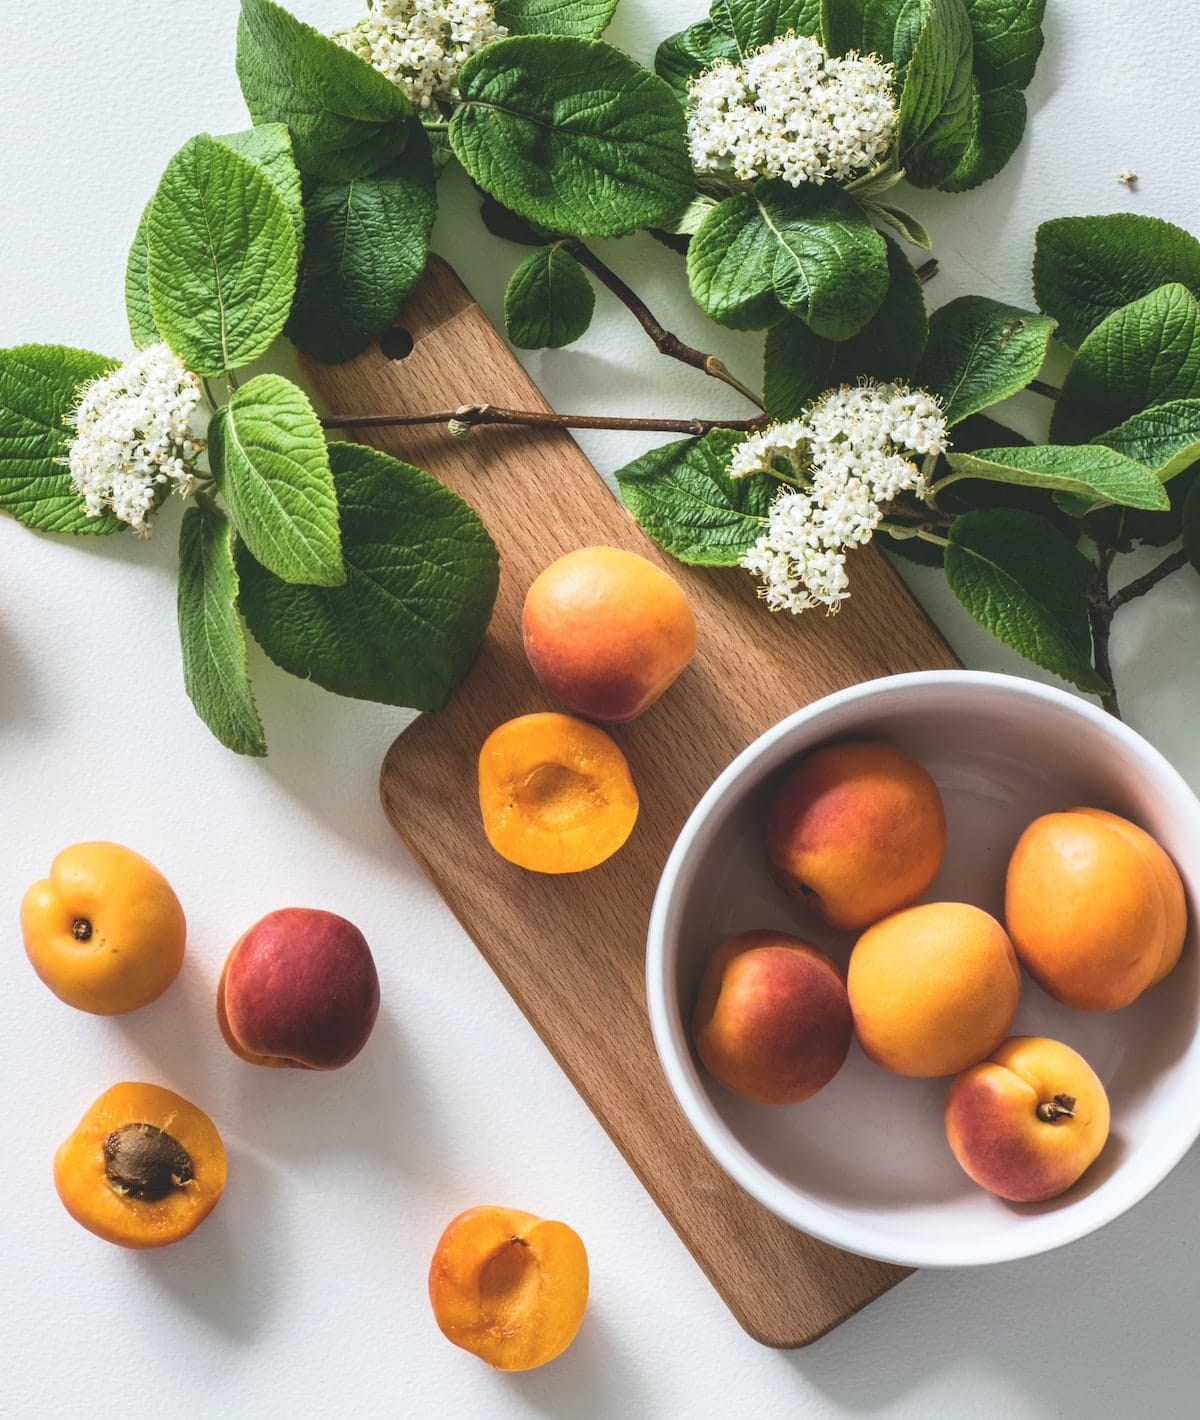 fresh nectarines